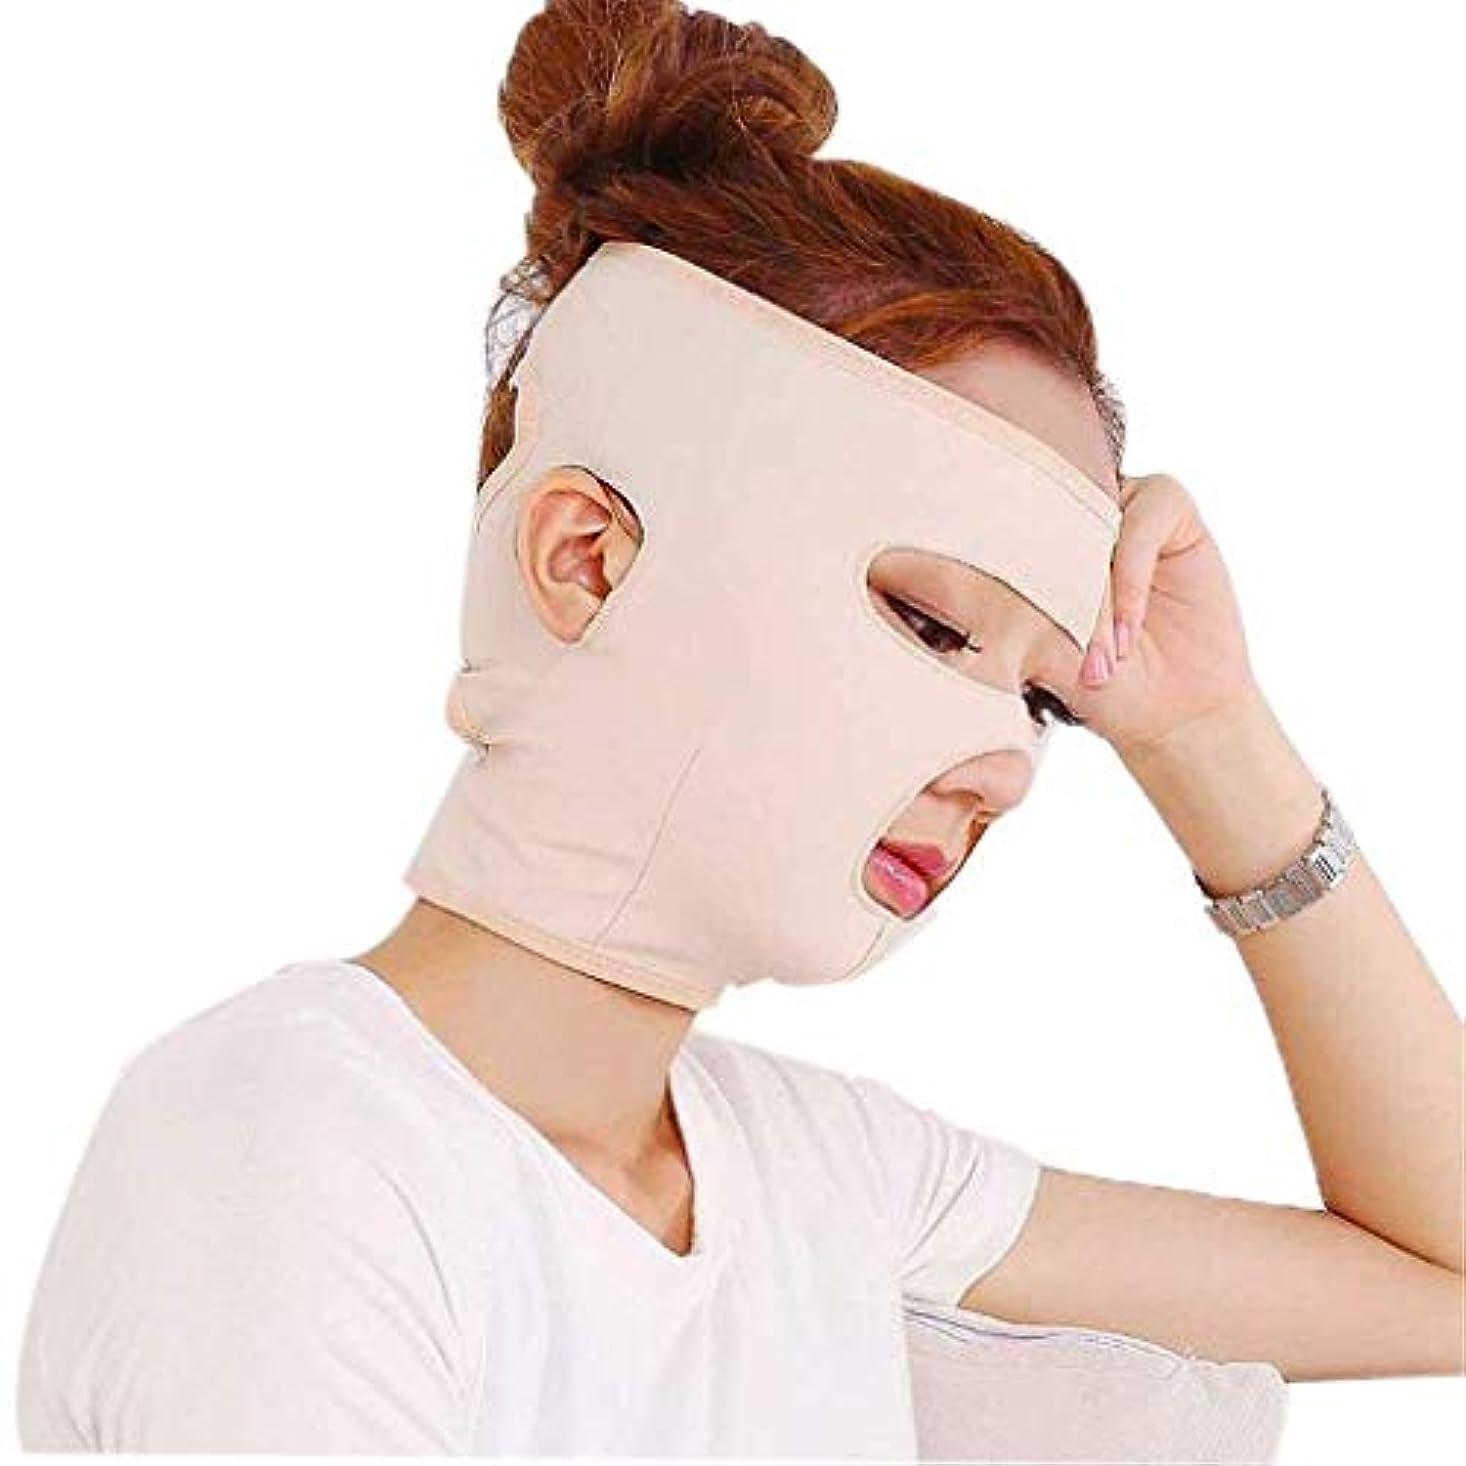 反映する画像薄めるフェイスリフティングマスク、フルフェイス通気性の術後回復包帯リフティング引き締め肌の減少は、小さなVフェイスマスクを作成します(サイズ:M)